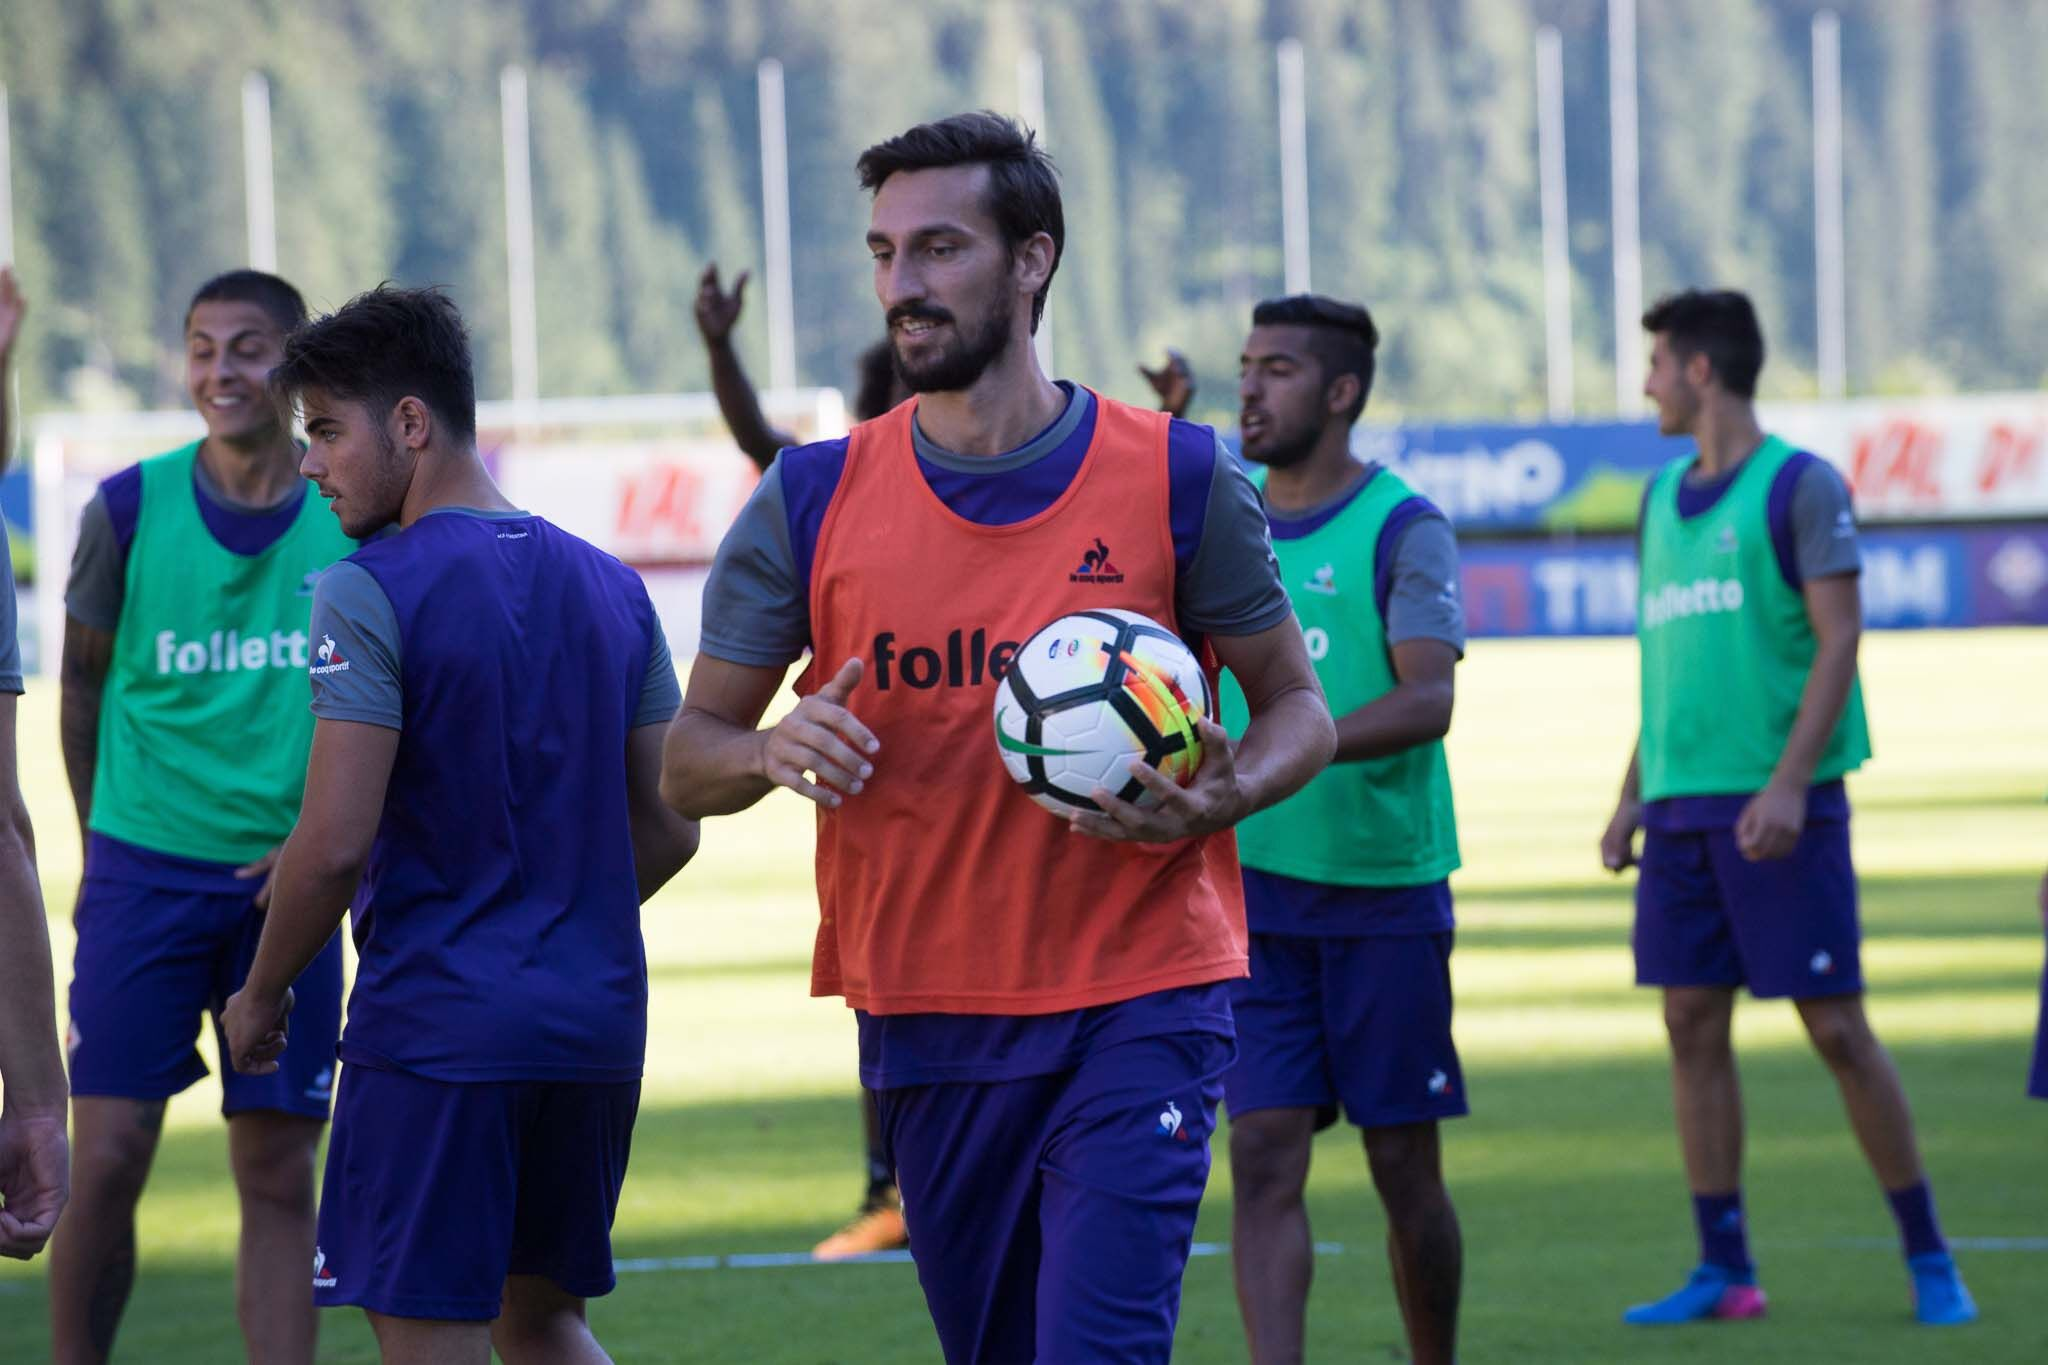 I convocati della Fiorentina per il ritiro in Germania, non ci sono Saponara e Vecino. Ecco la lista completa